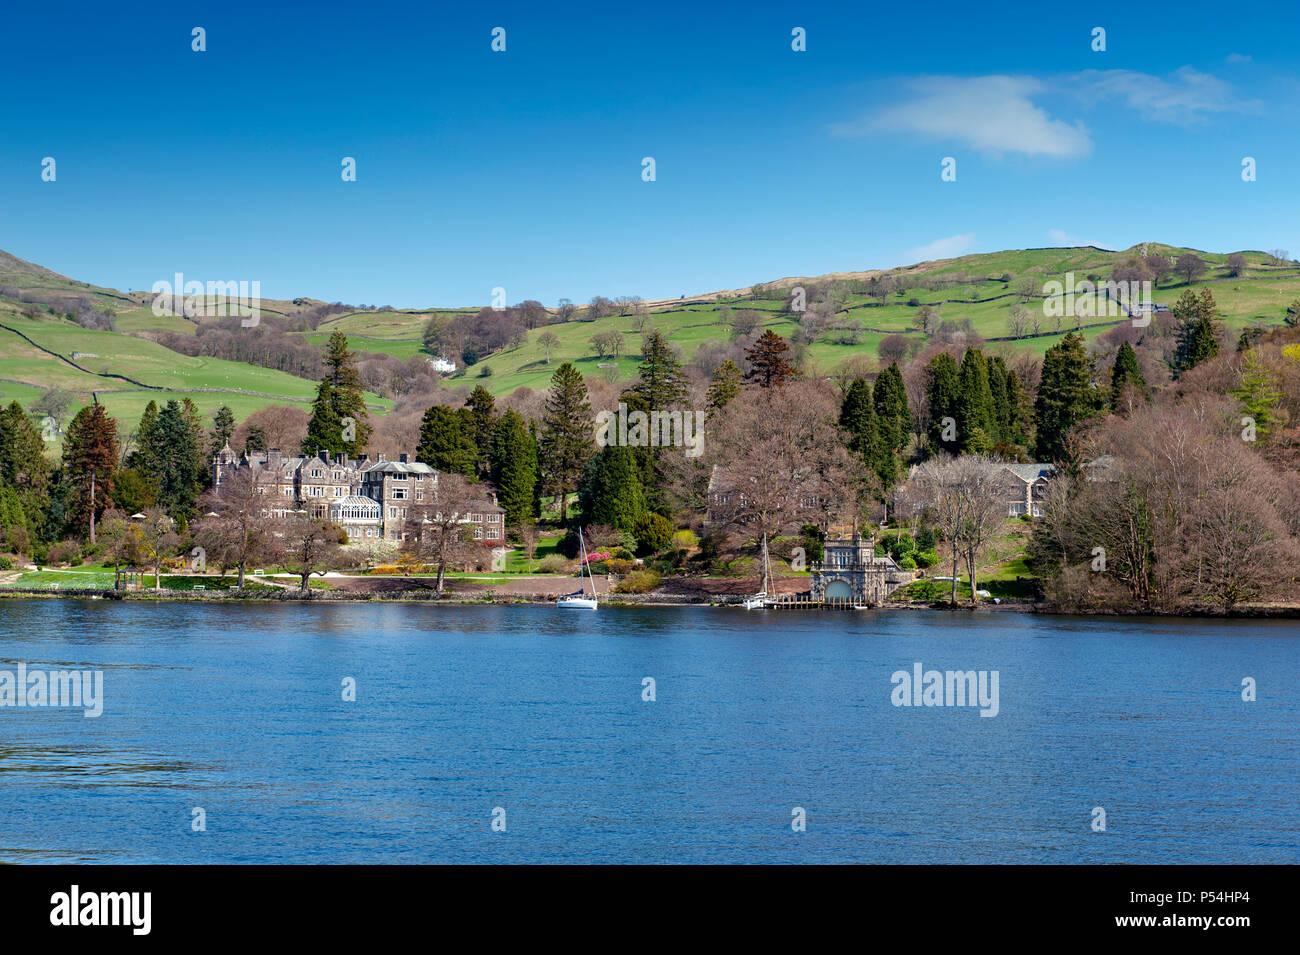 Lakeside Hermoso pueblo situado en la orilla del lago Windermere, en el pintoresco Lake District National Park, al sur de Lakeland, el Noroeste de Inglaterra, Reino Unido. Imagen De Stock